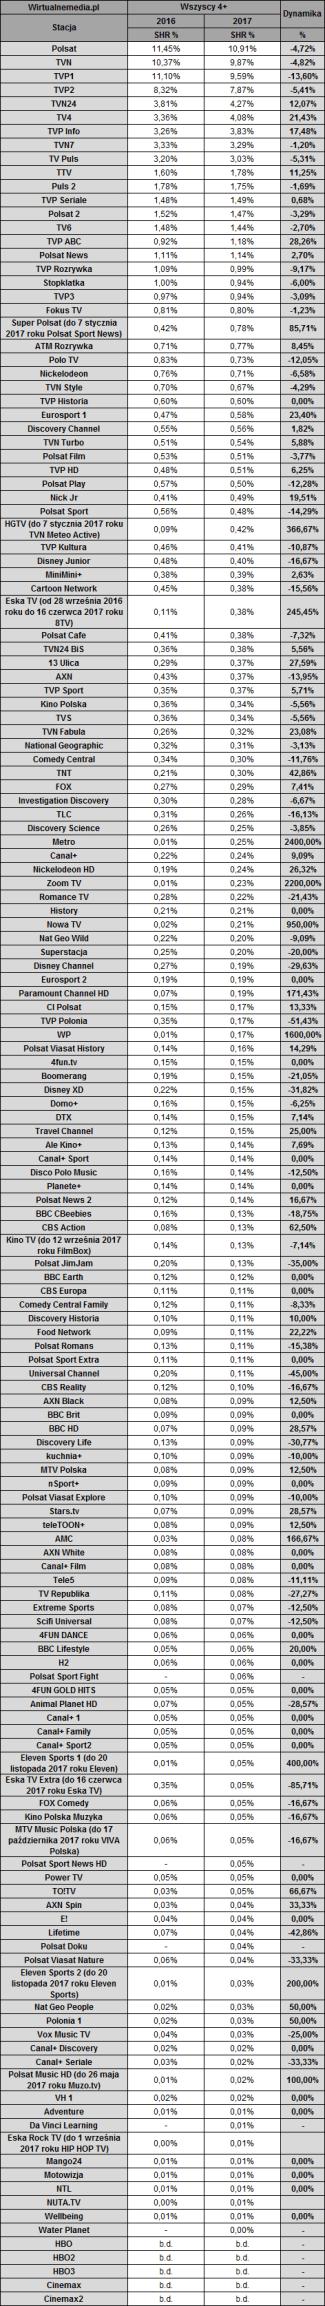 Lista 150 kanałów telewizyjnych w Polsce (wg oglądalności w 2017 r.)